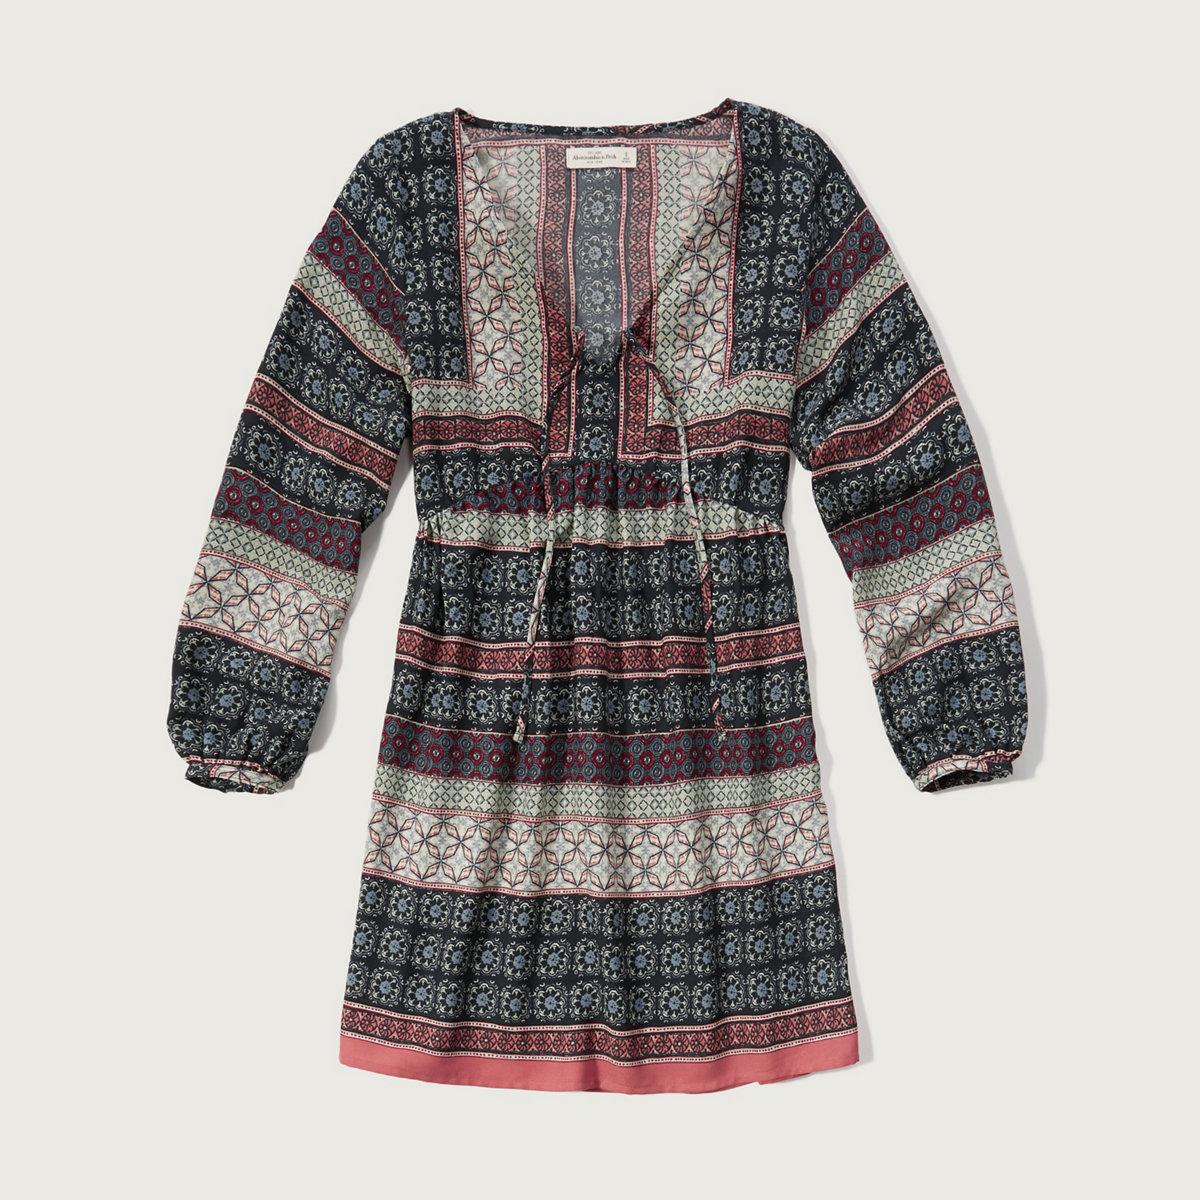 Patterned Crepe Dress